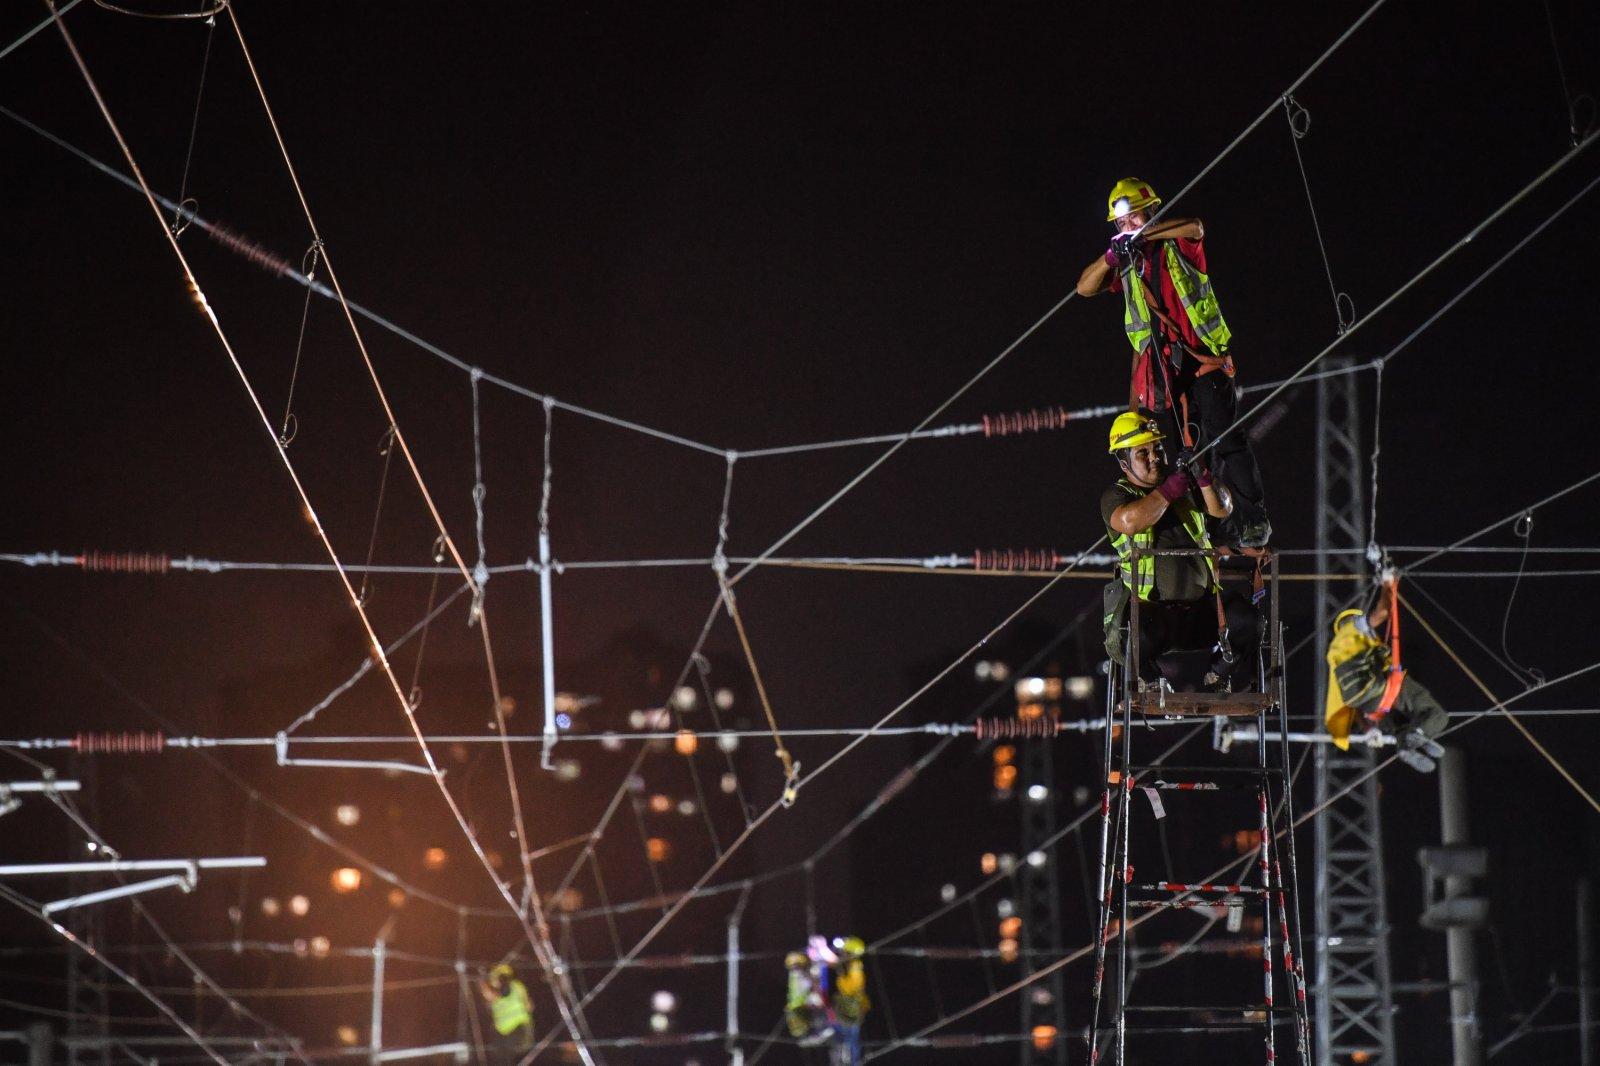 9月25日,施工人員在東莞塘廈贛深高鐵撥接廣深鐵路現場進行接觸網工程施工。(新華社)